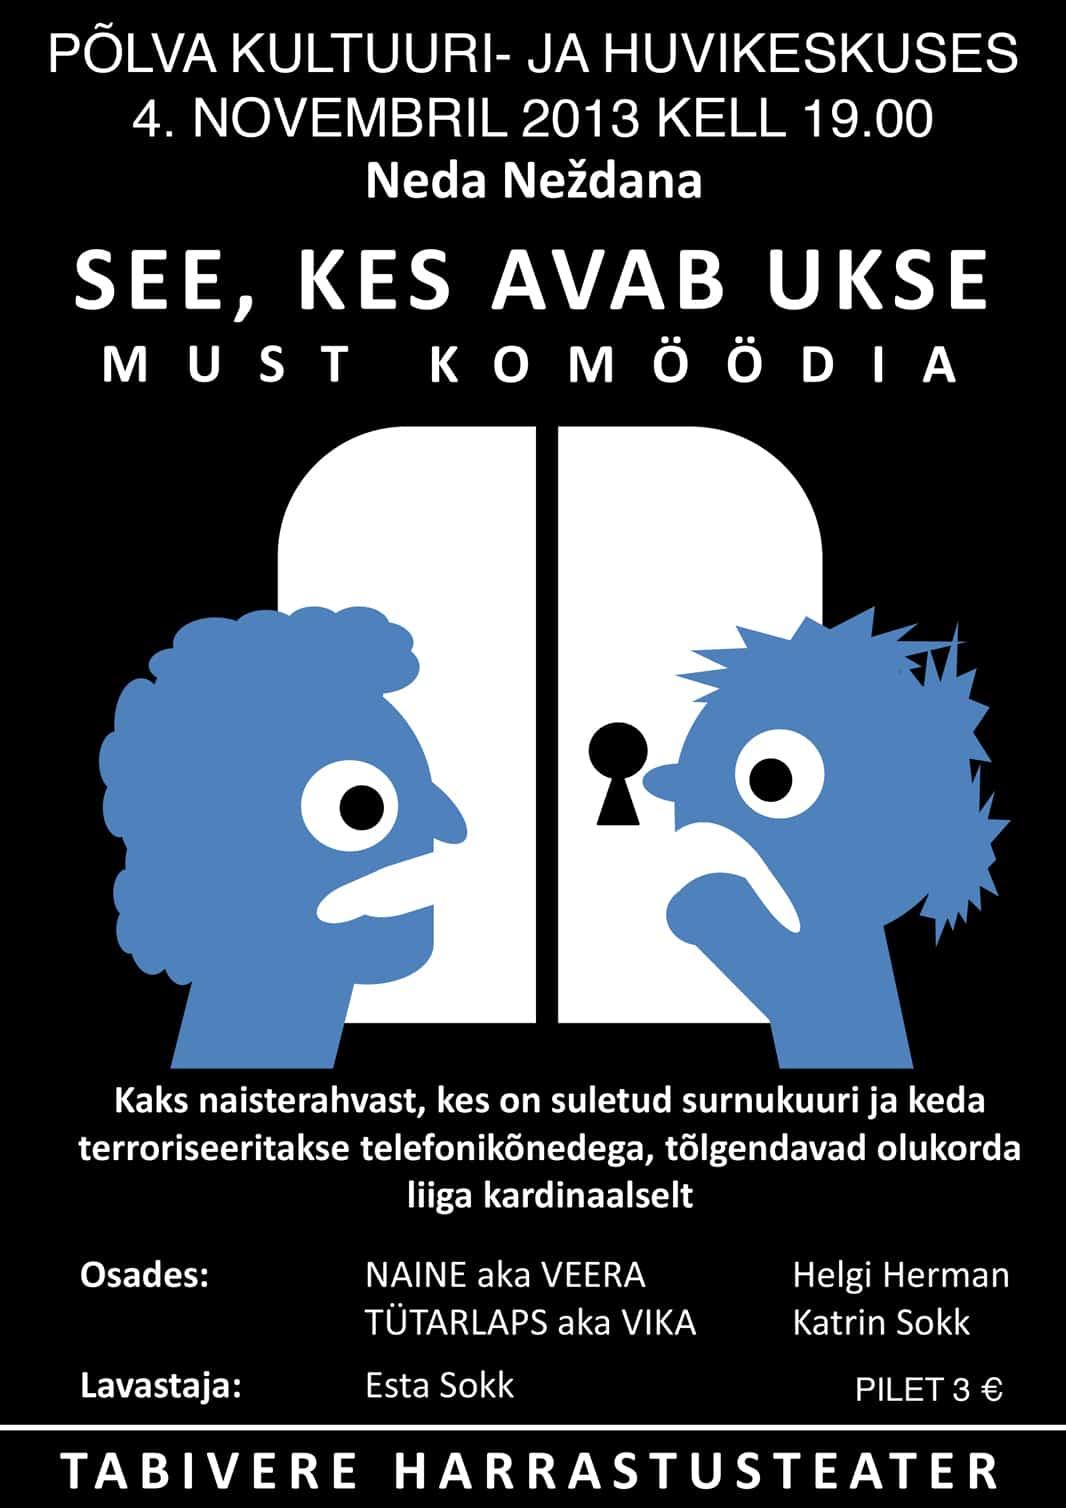 AVAB-UKSEVEEB